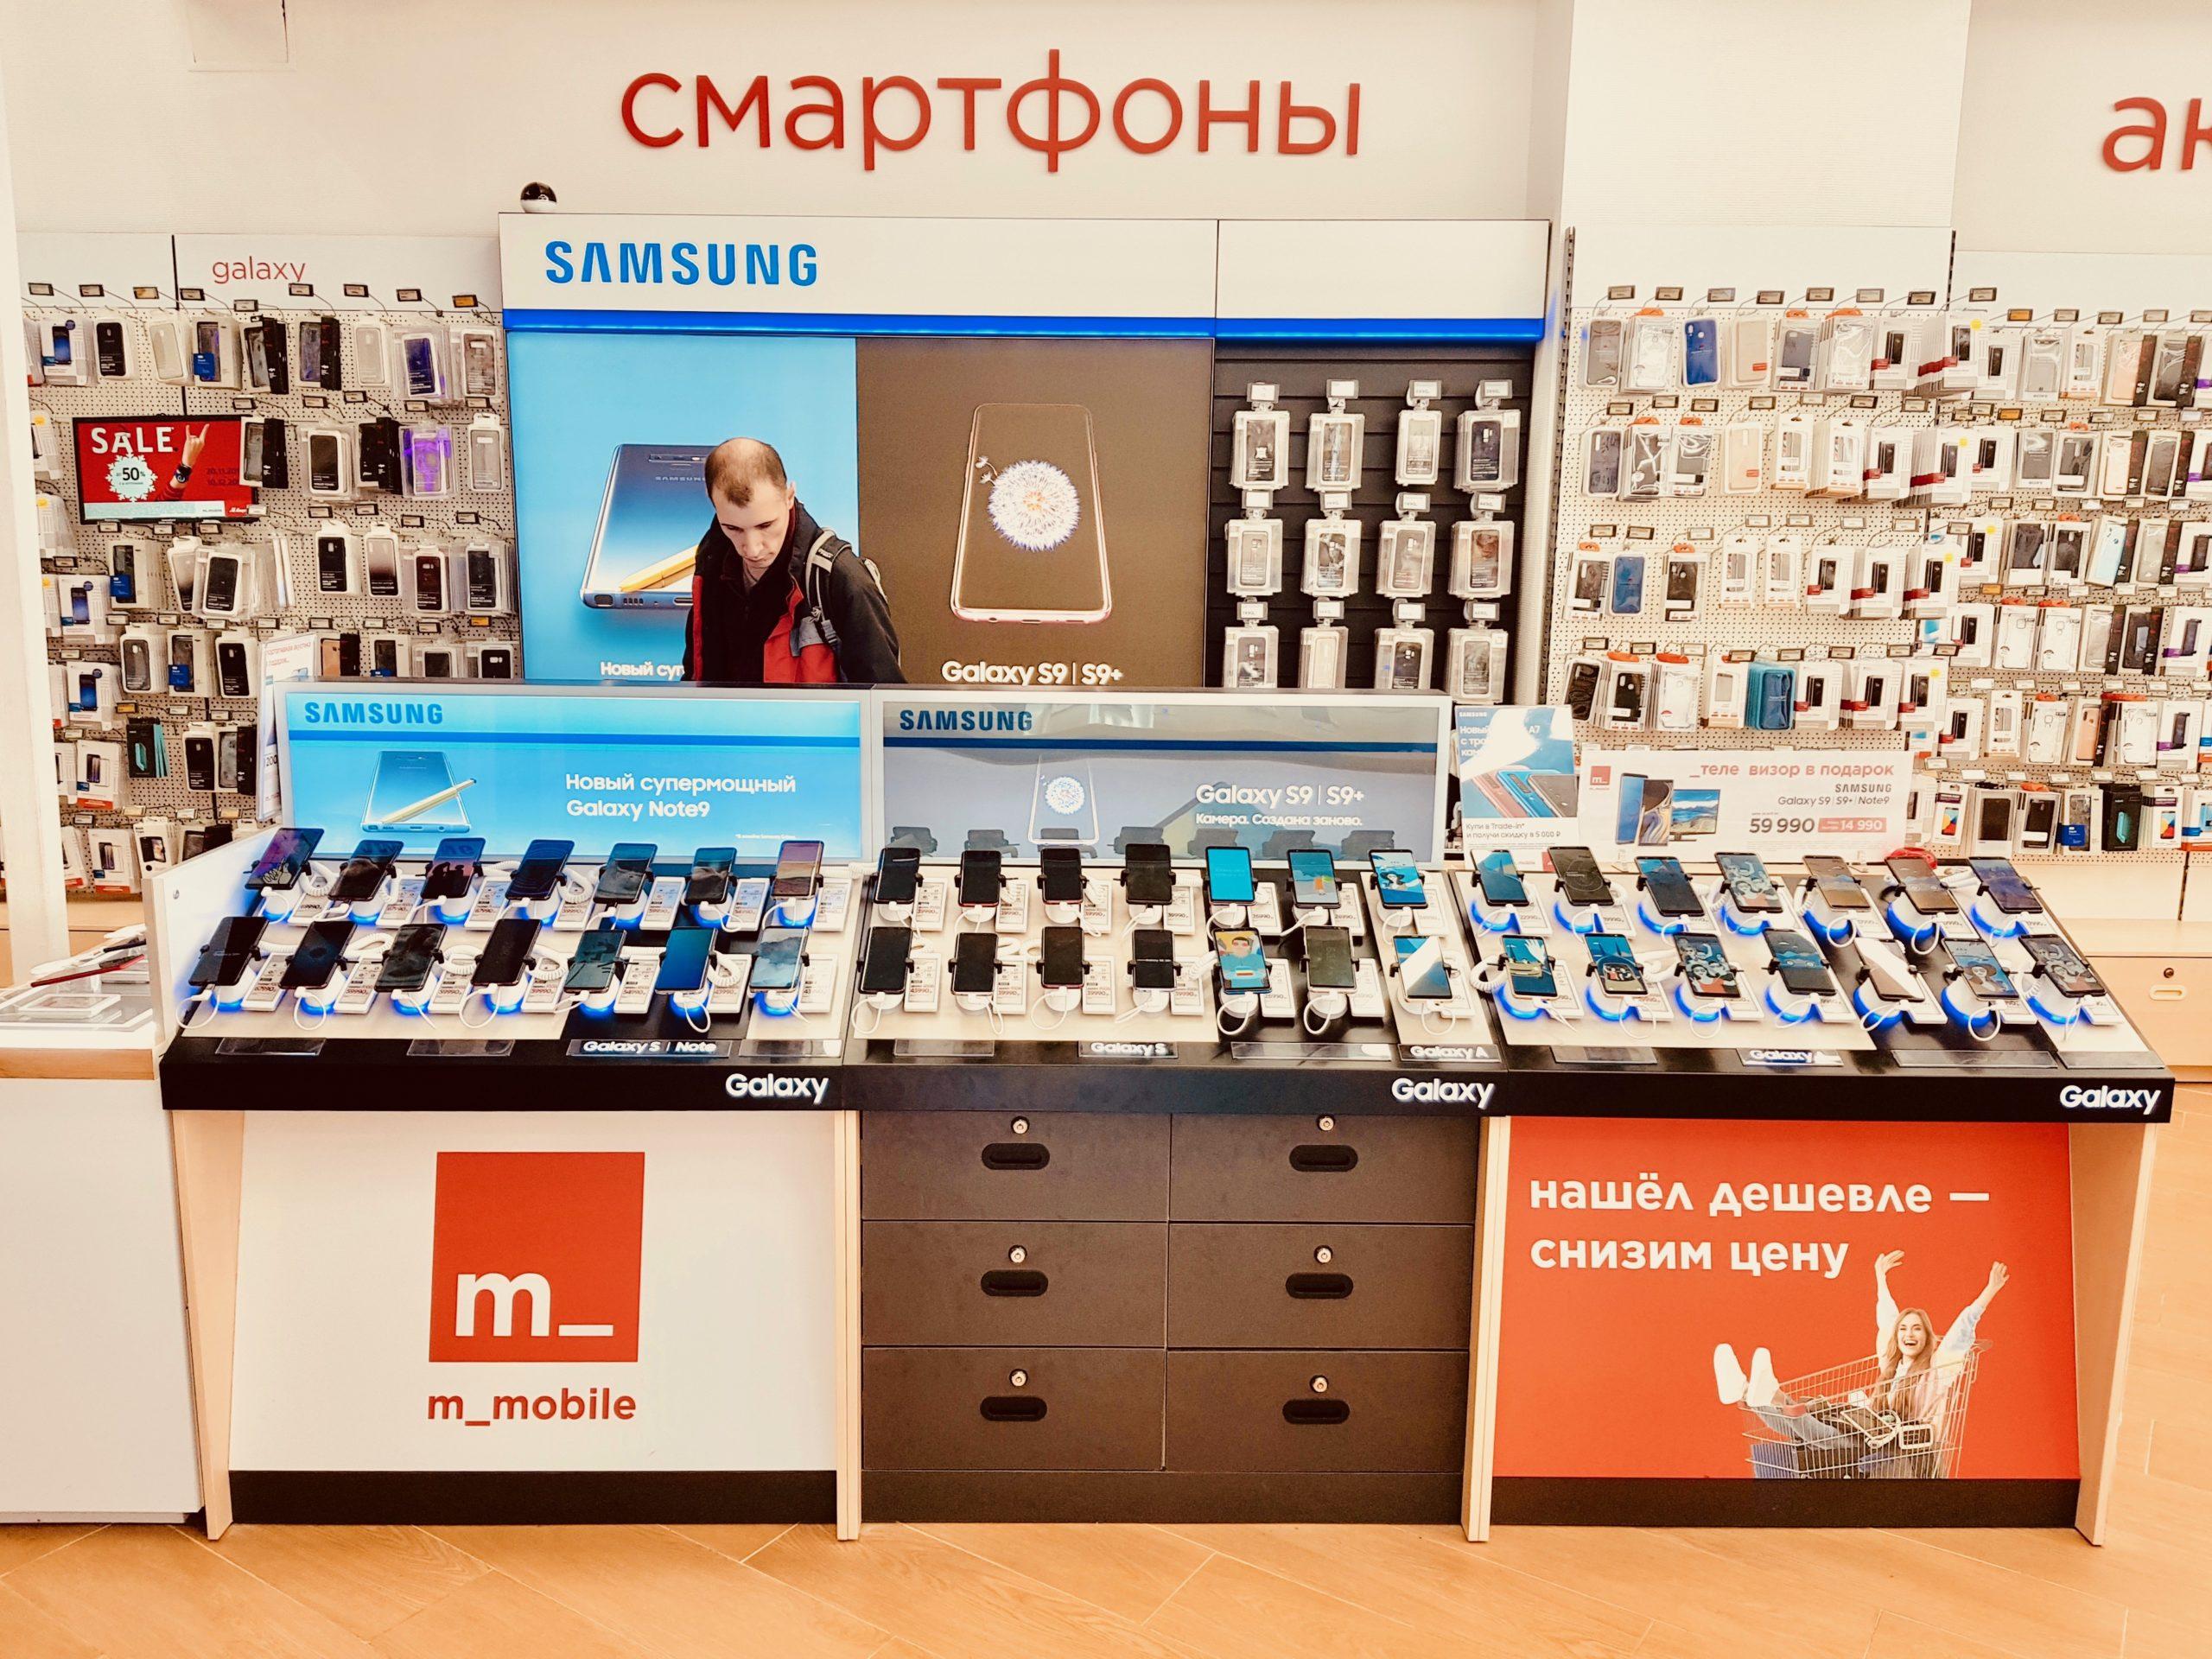 Рейтинг лучших смартфонов до 15000 рублей в 2020 году